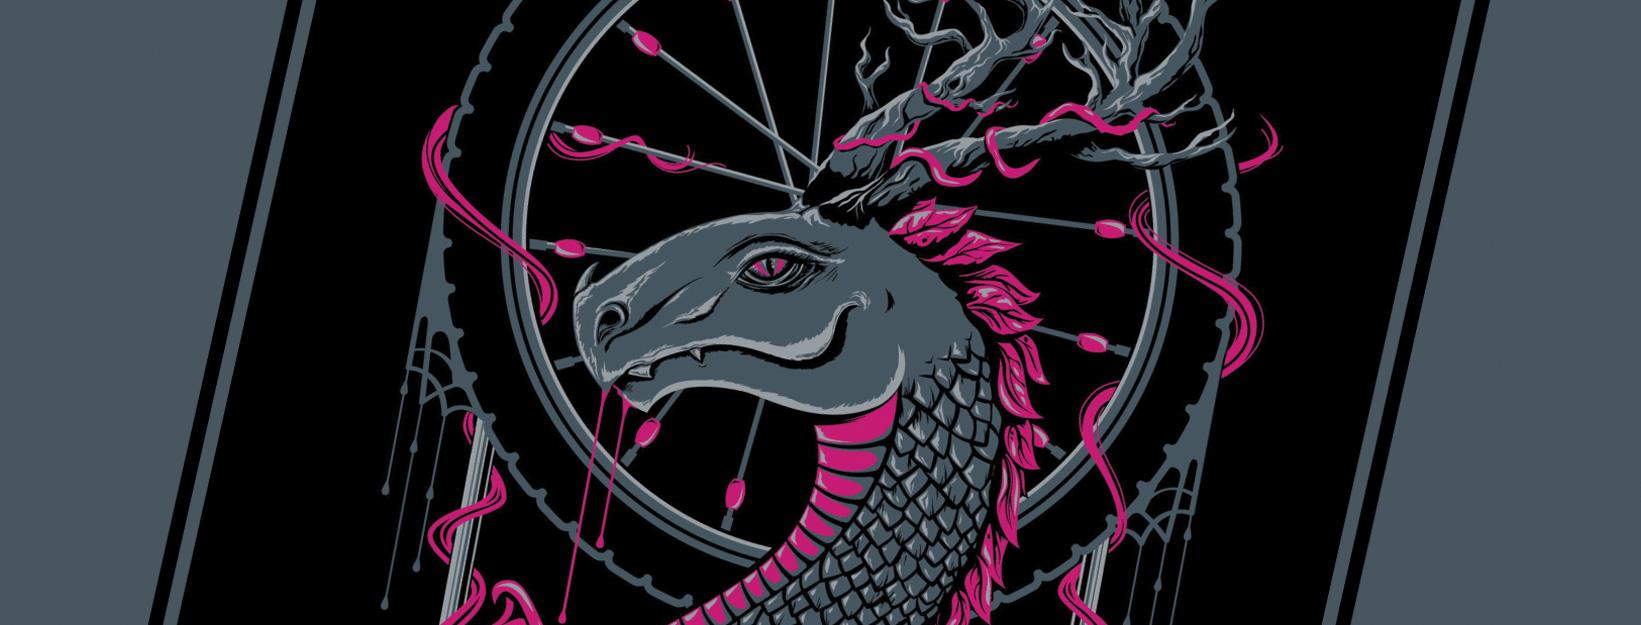 Desert Rose Dragon screenprint for sale